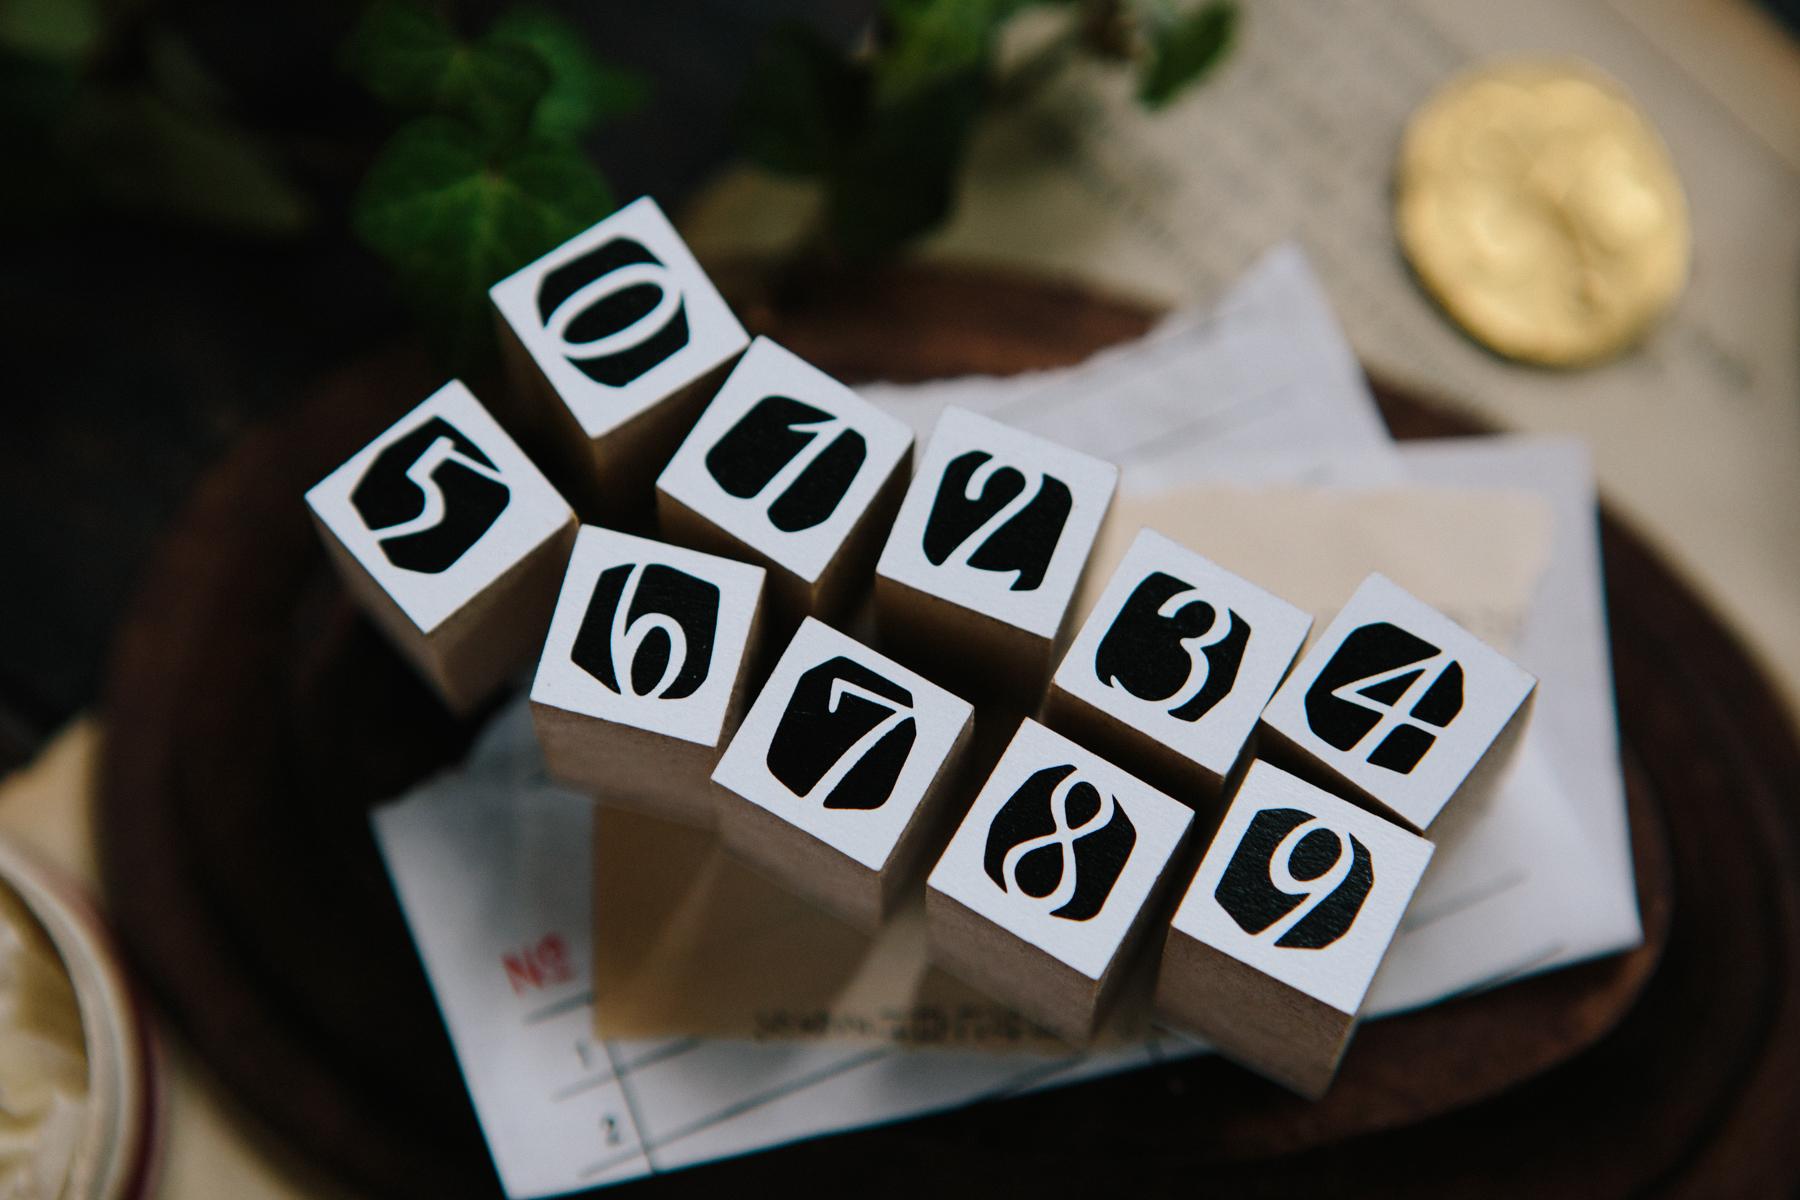 OURS 抽屜之中 陰刻數字 DIY自黏印章組